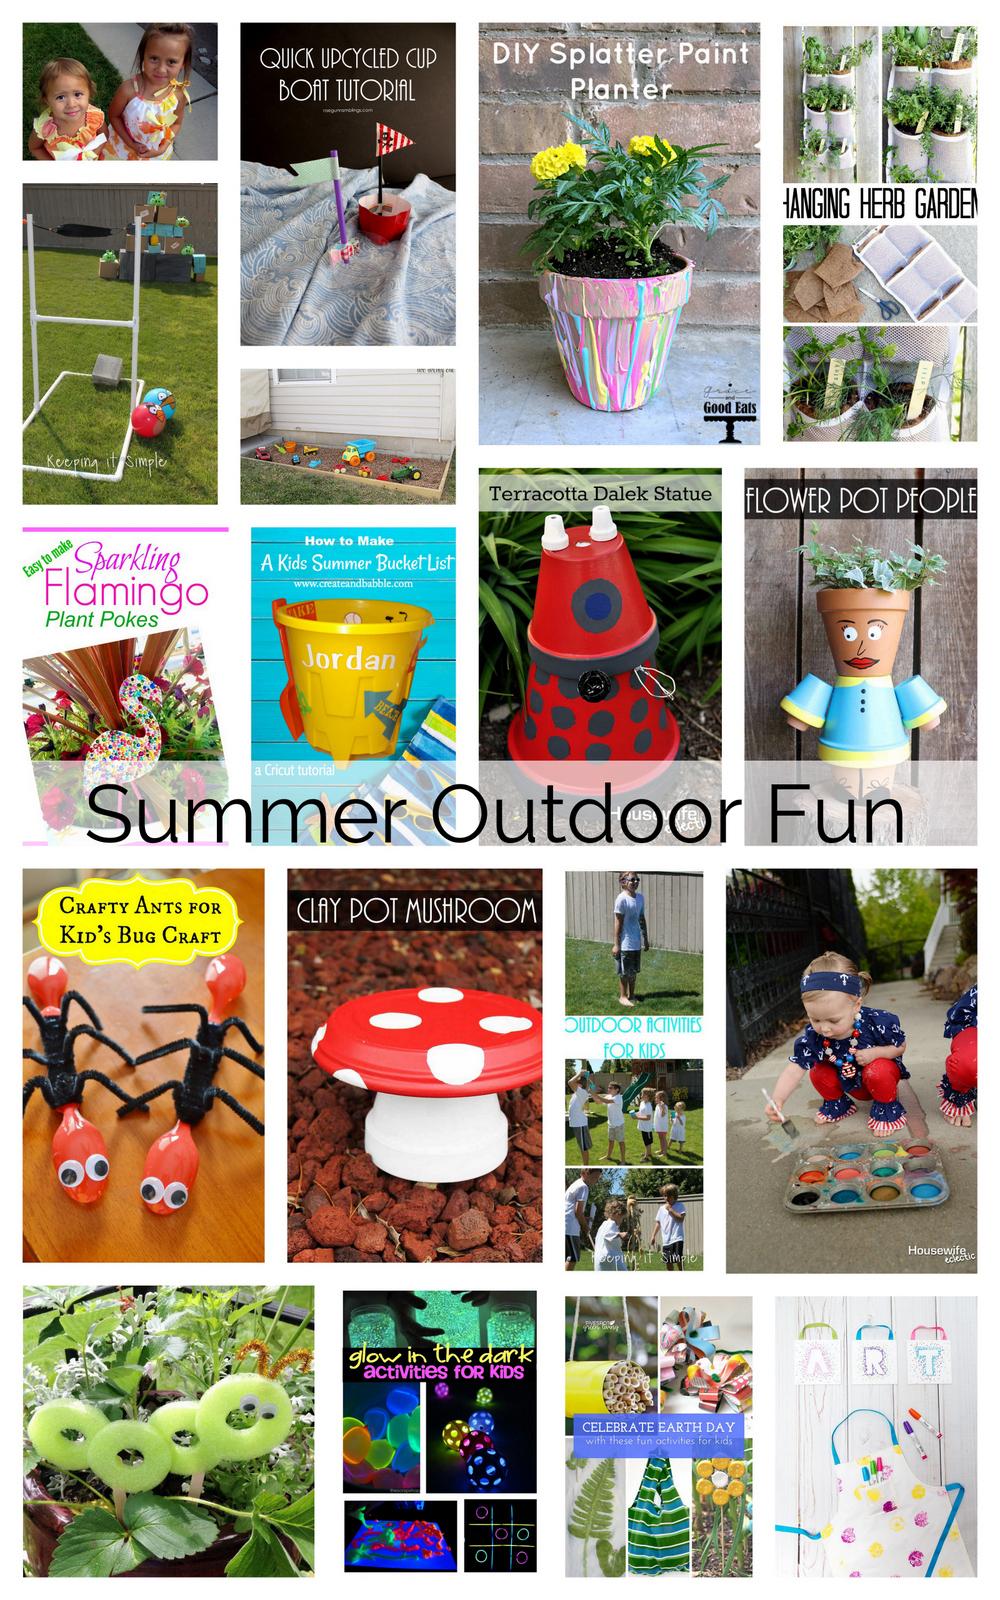 Great list of outdoor activities for kids perfect for school breaks